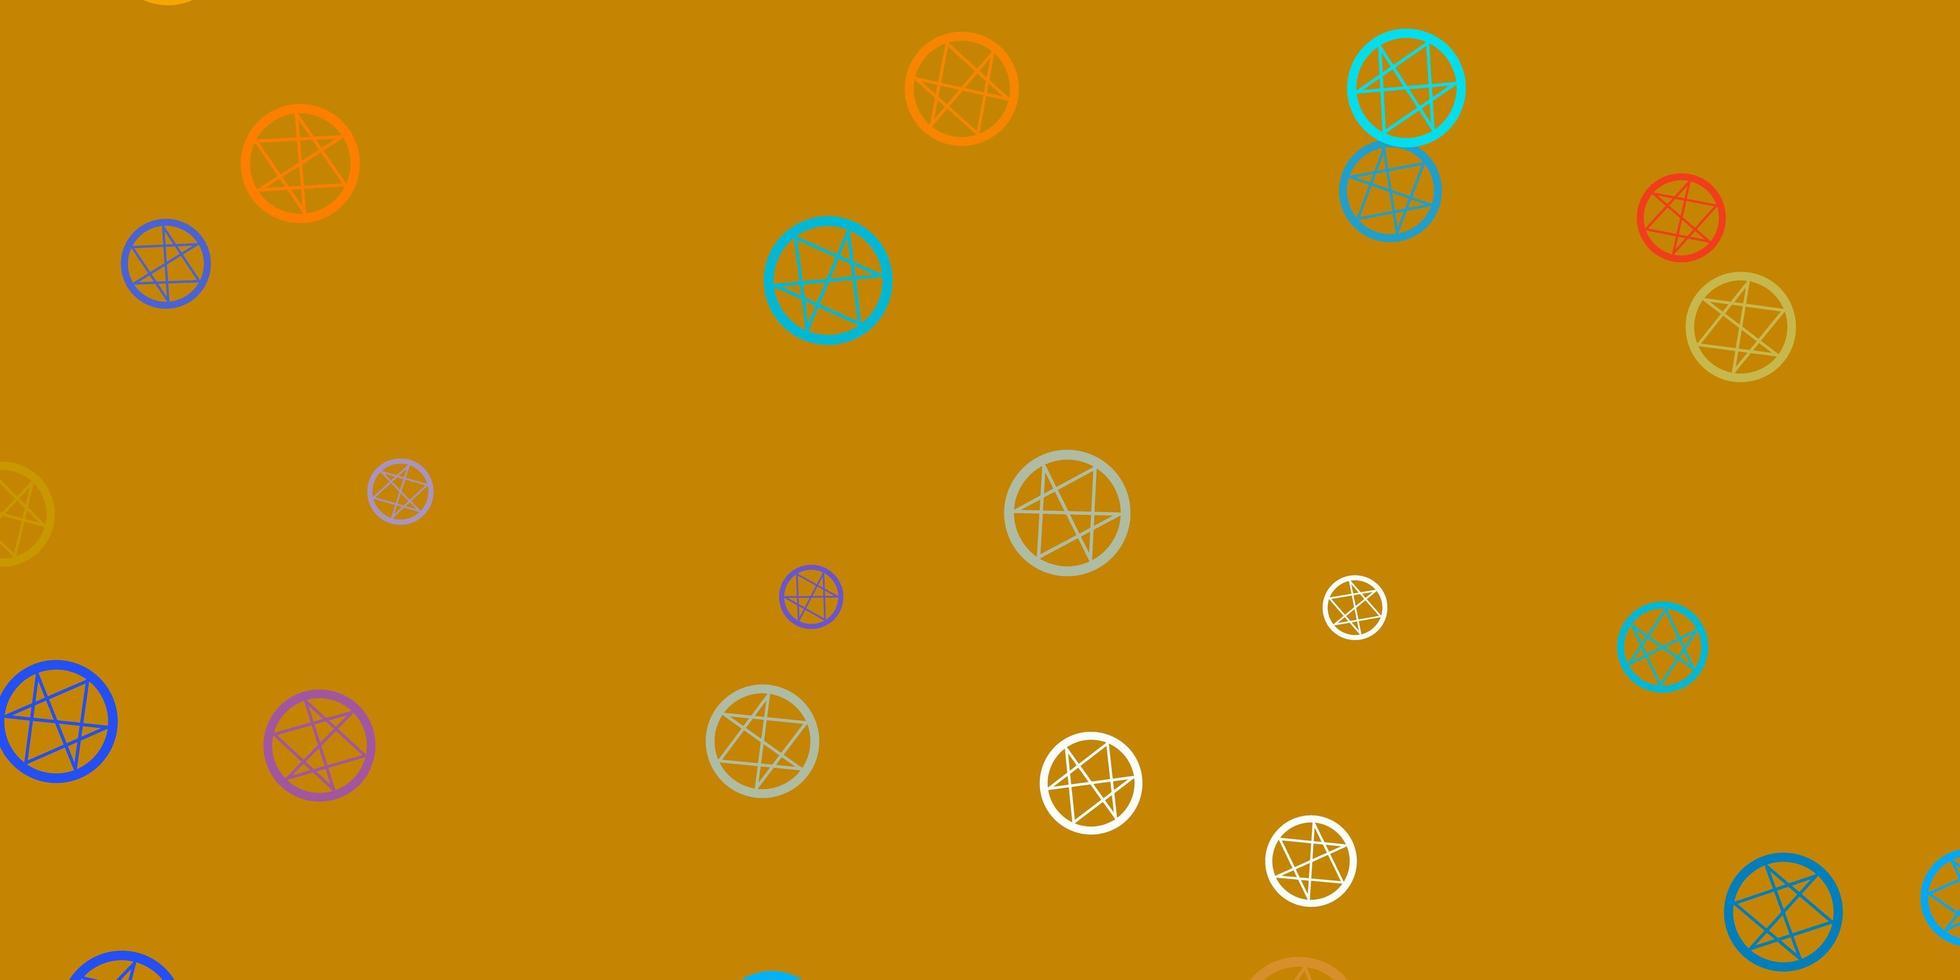 hellblaue, gelbe Vektorbeschaffenheit mit Religionssymbolen. vektor